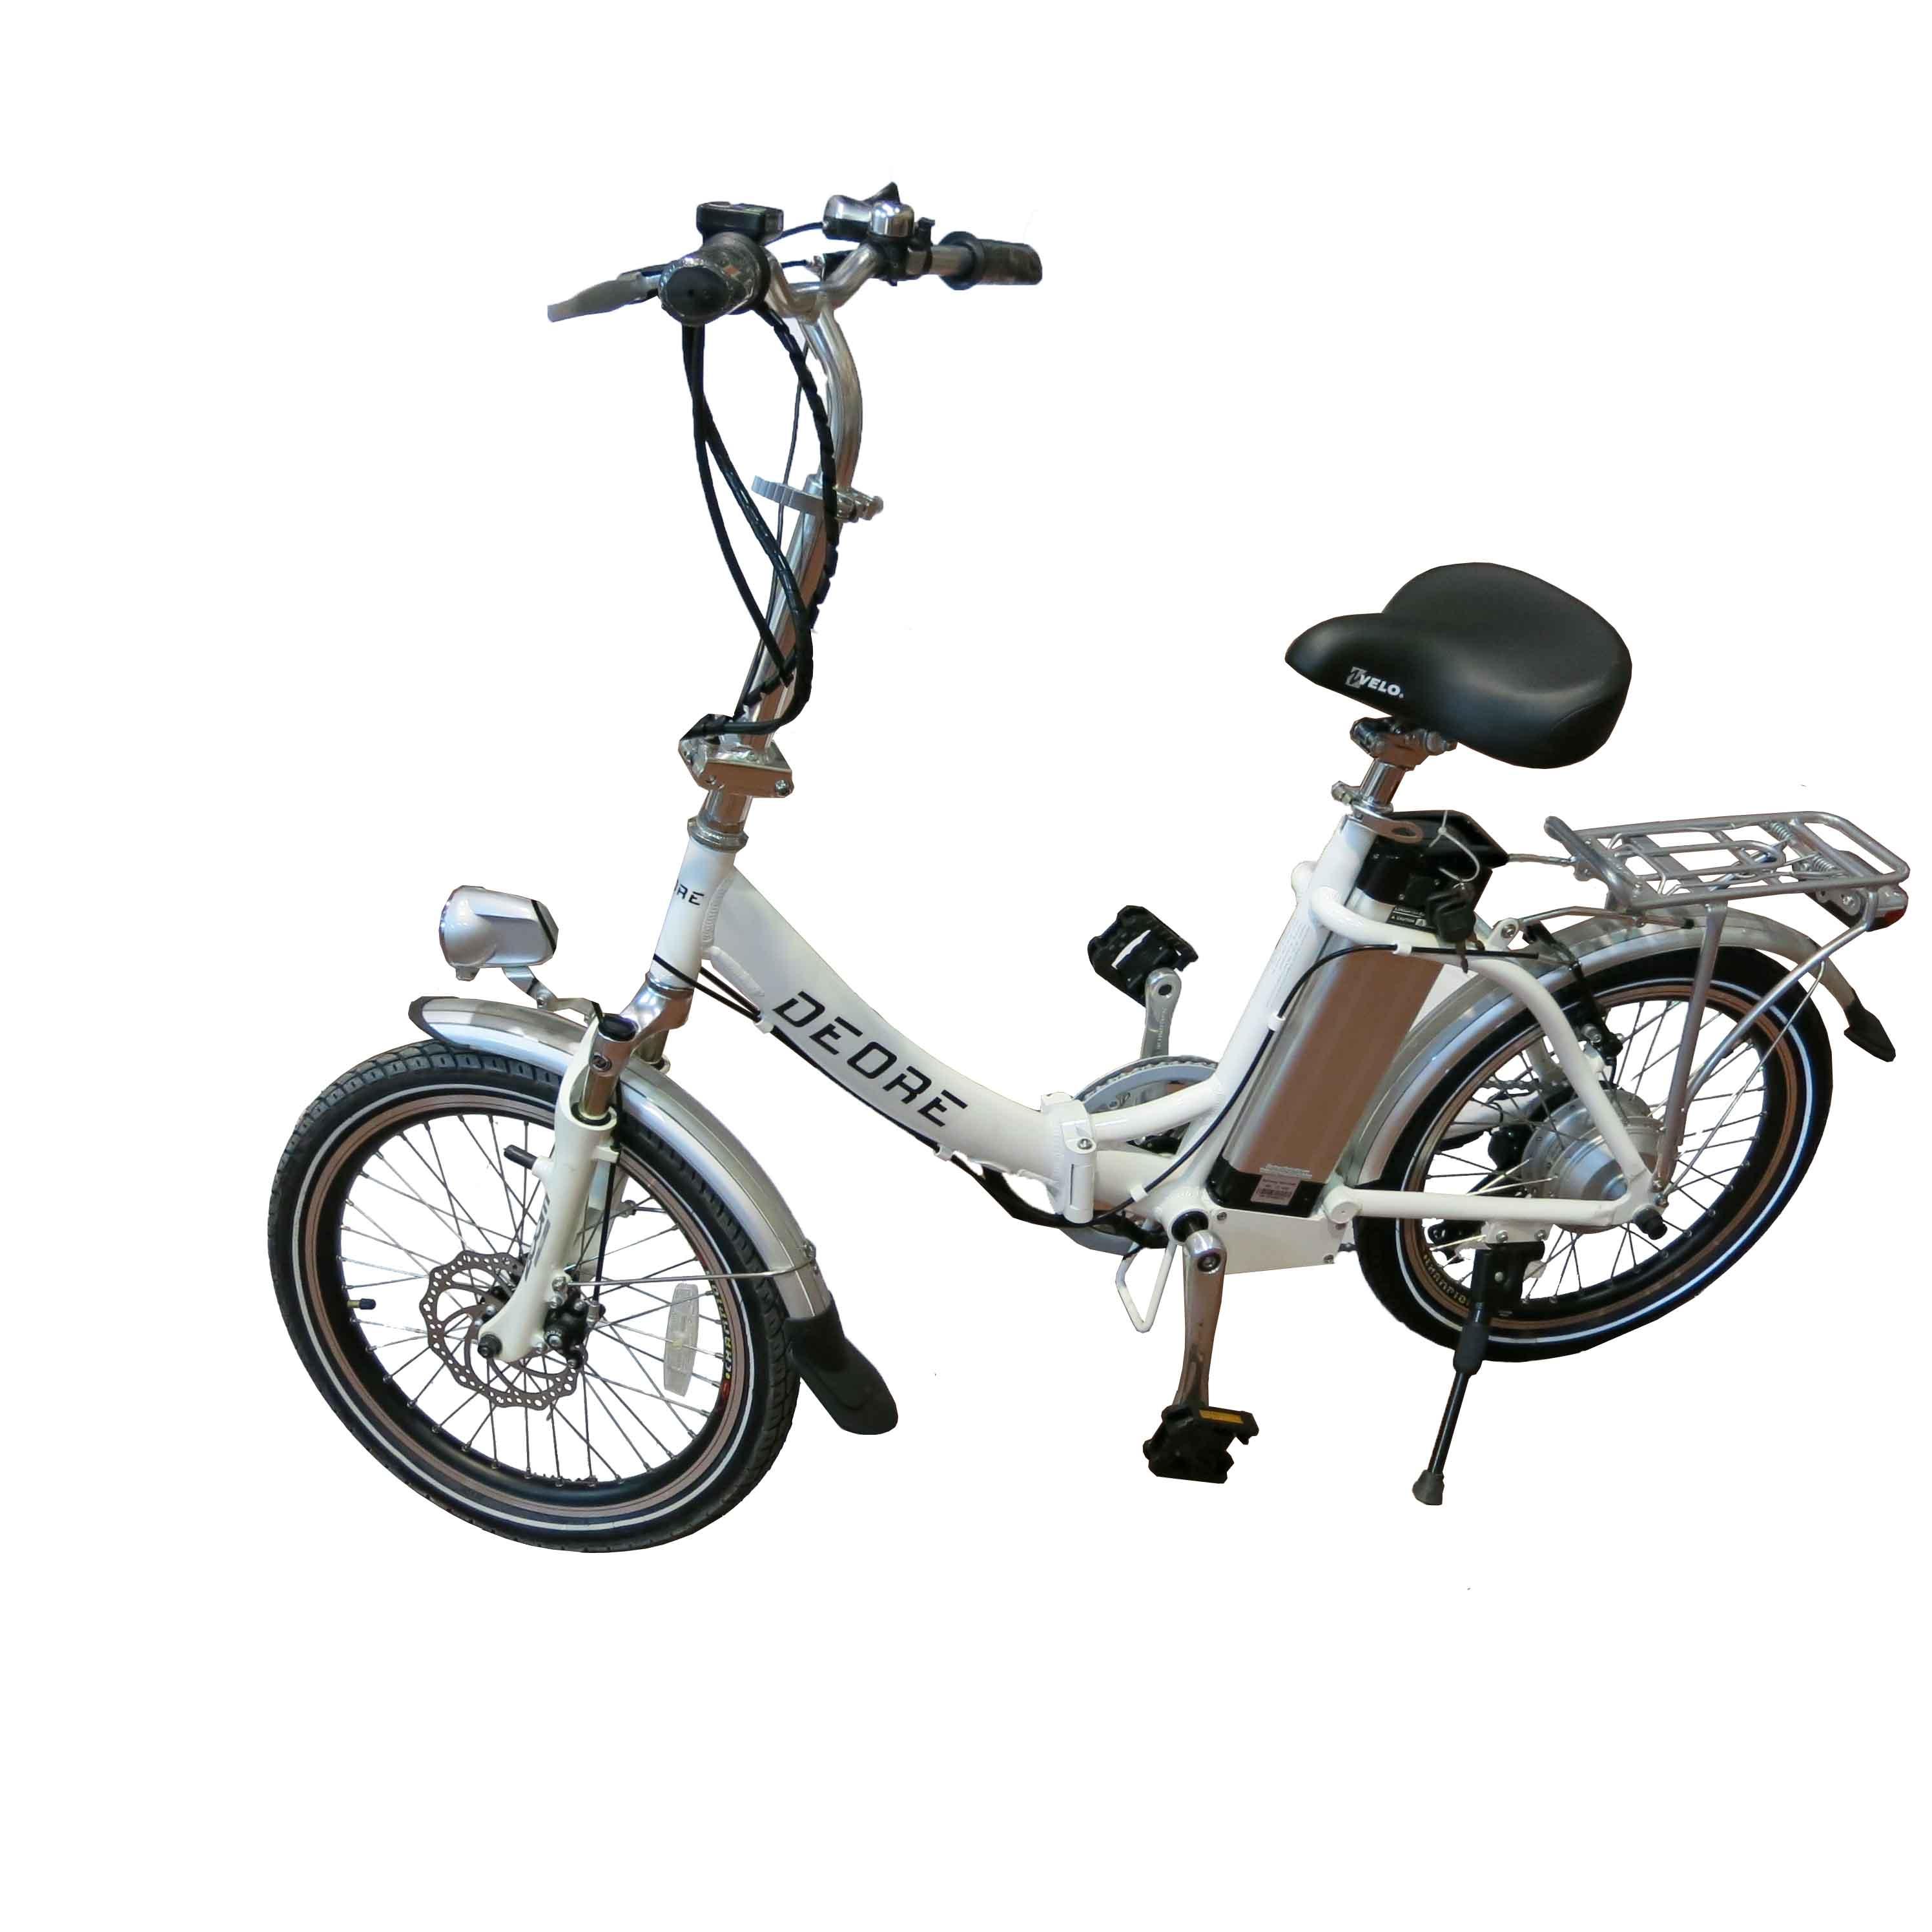 צעיר motorix01/04/2019 16:05:12אופניים חשמליים EA-26